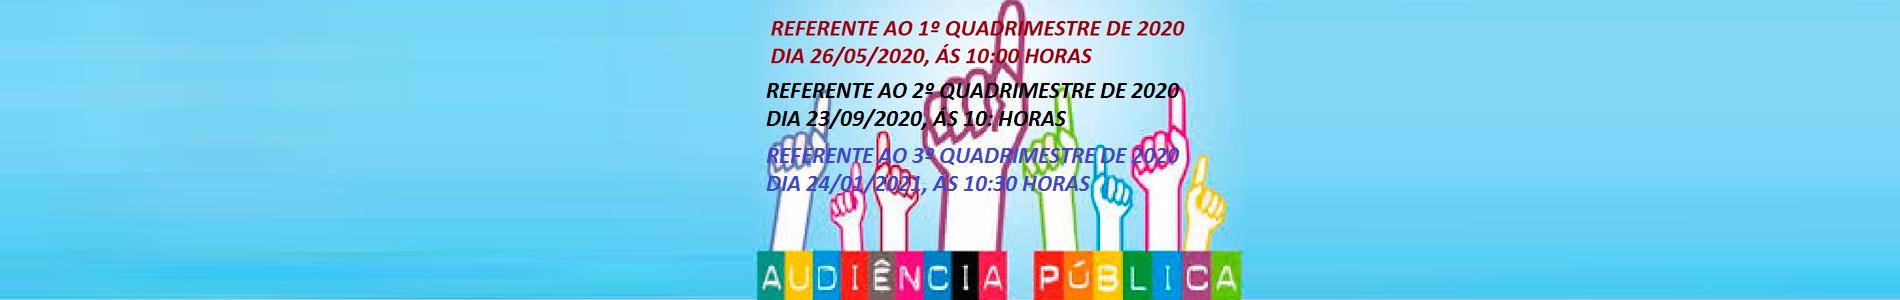 AUDIENCIA PUBLICA DO 3º QUADRIMESTRE DE 2020 DO CONSÓRCIO INTERMUNICIPAL DE SAÚDE DE CAMPO MOURÃO - CIS-COMCAM